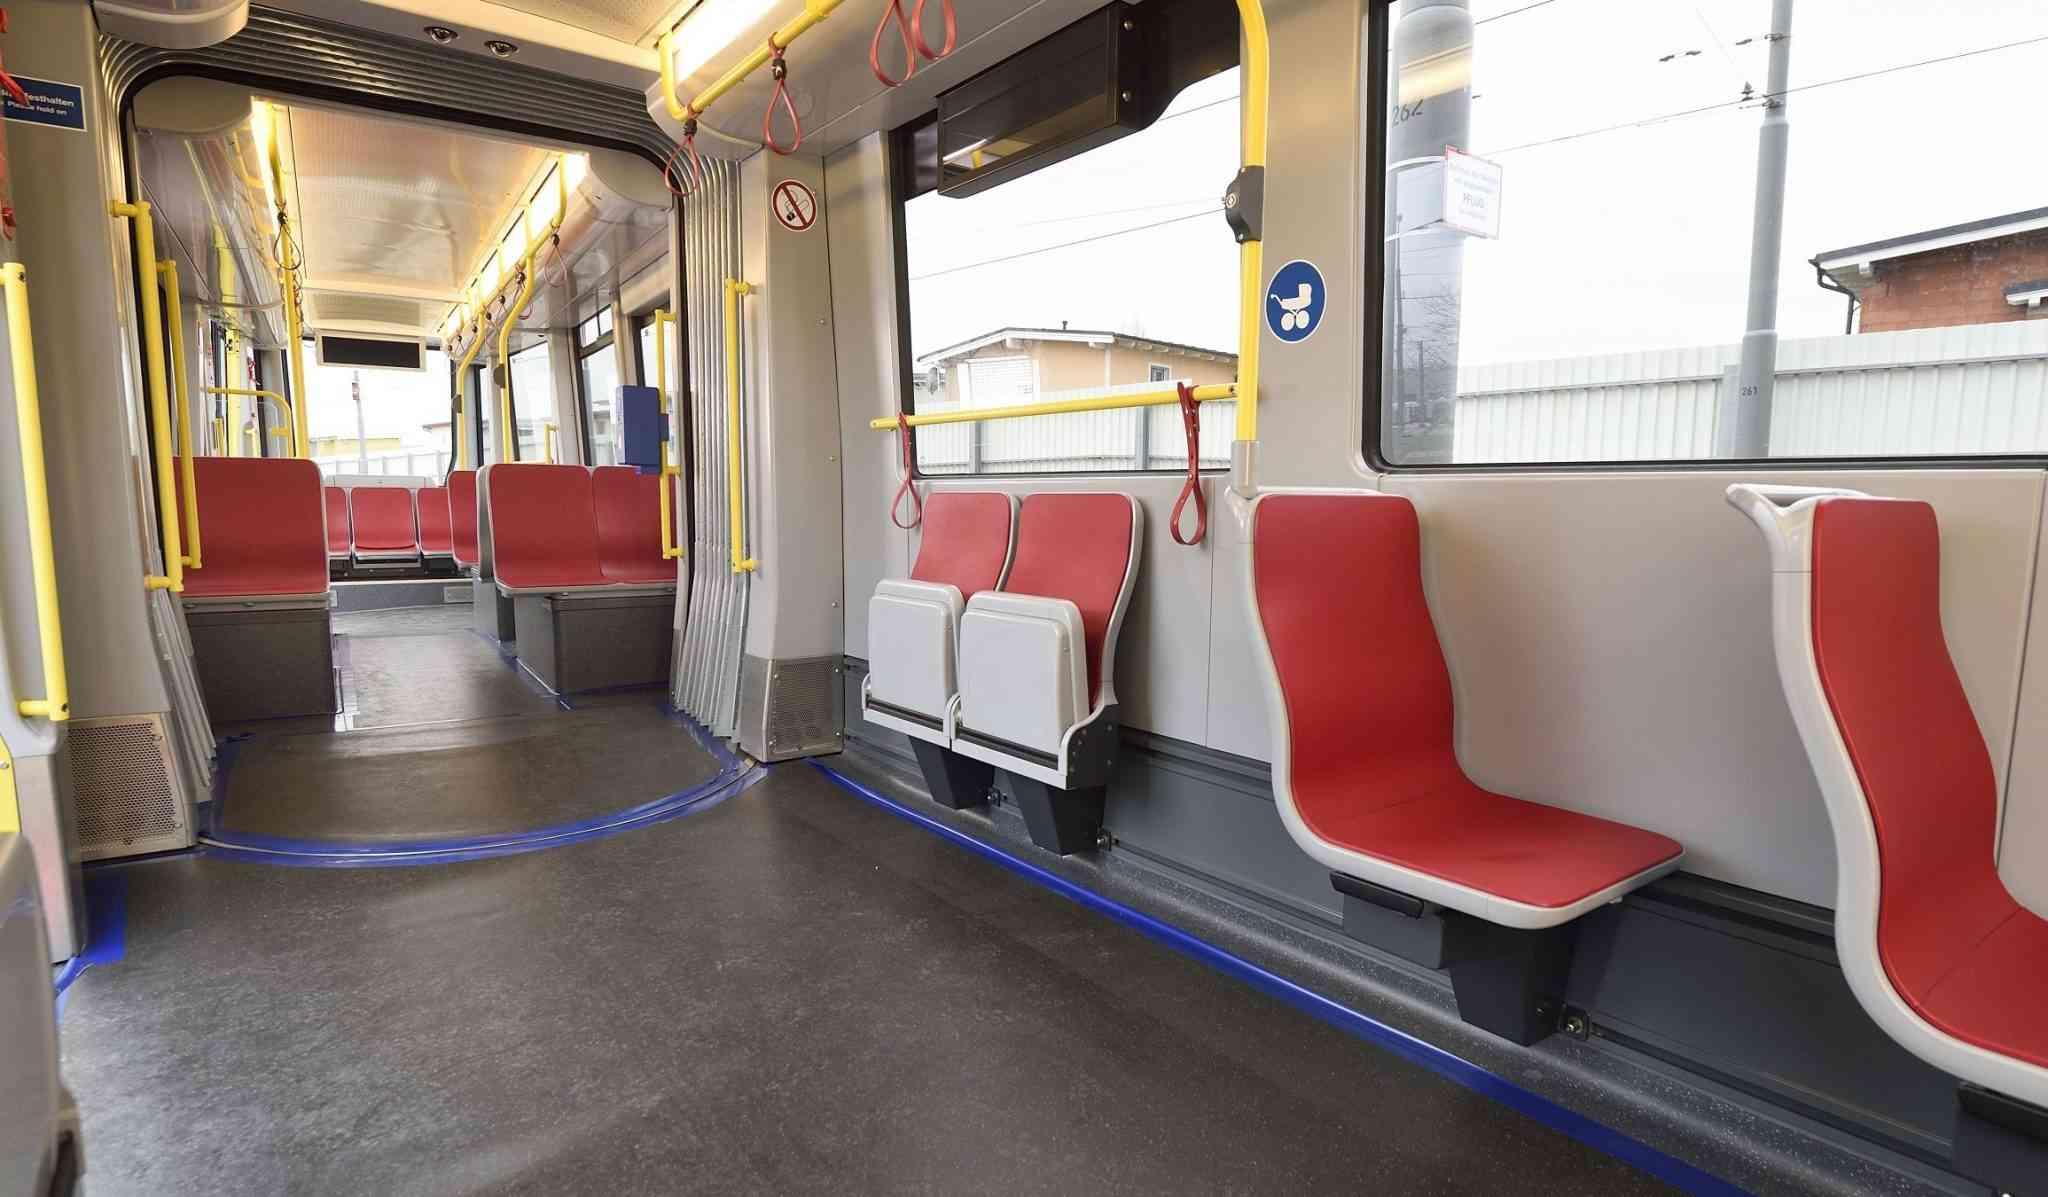 Im großzügig gestalteten Innenraum können sich Fahrgäste noch besser verteilen.